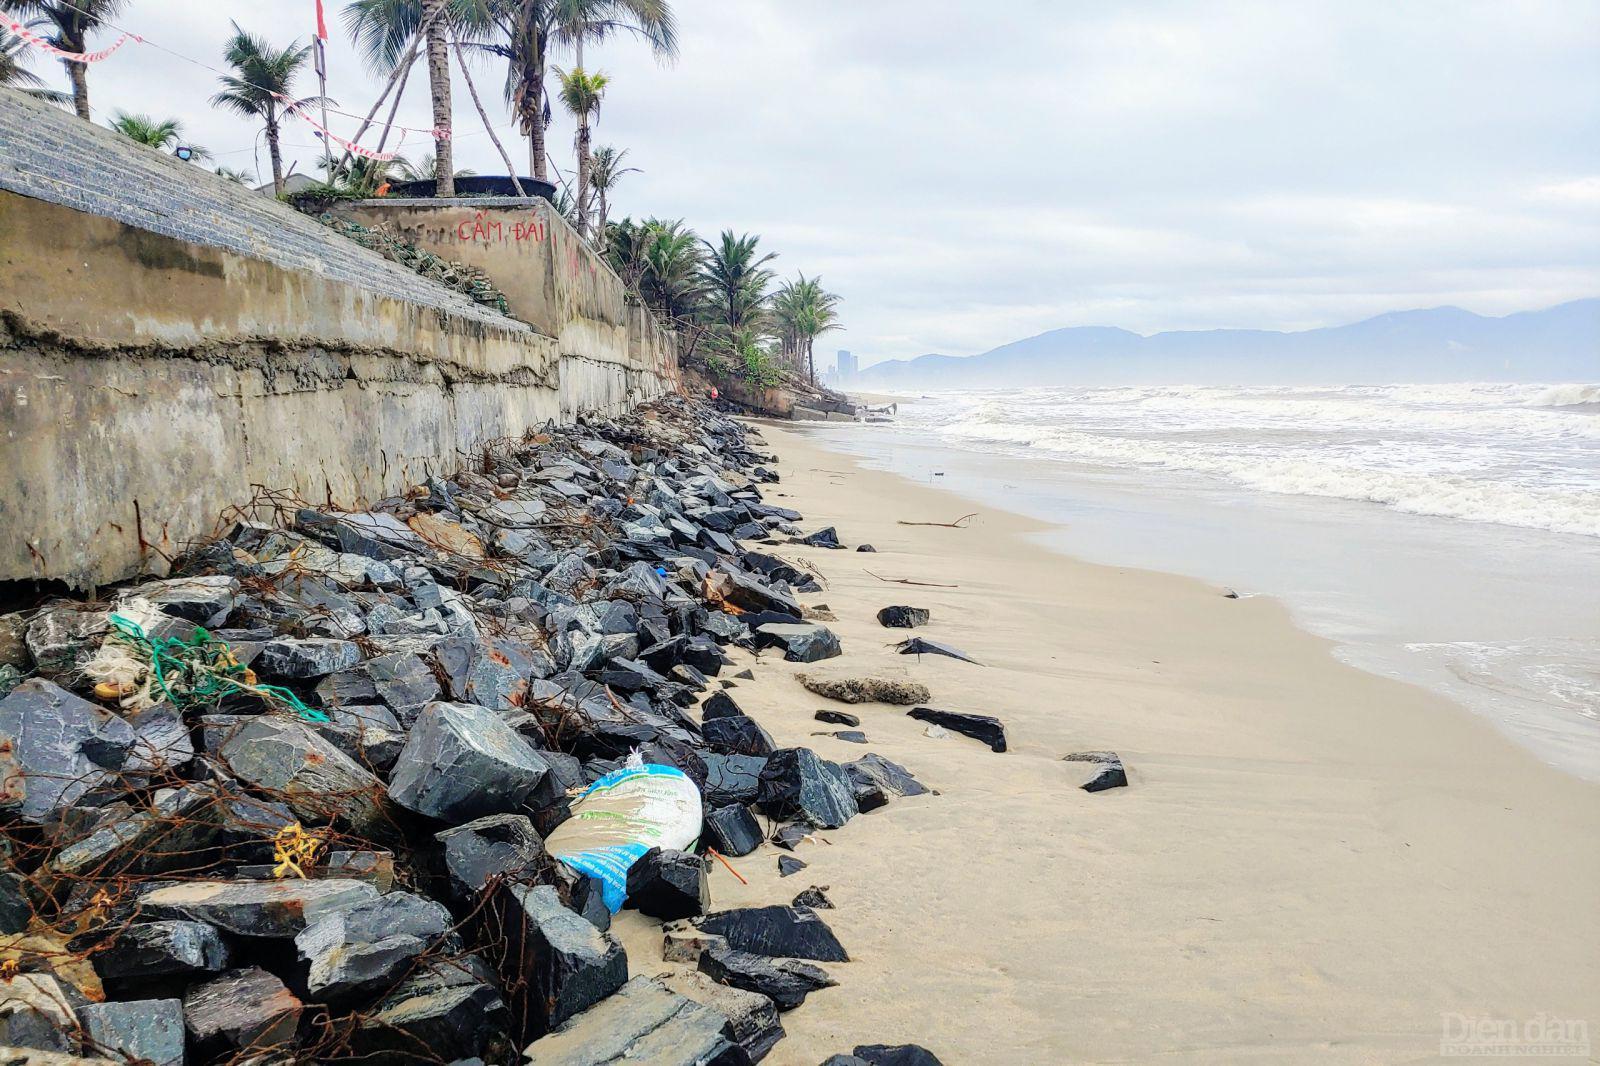 Các lỗi xuống biển tại bãi tắm Sơ Thủy chẳng còn nữa, lớp đá giữ cát dưới cùng đã bị trơ ra.